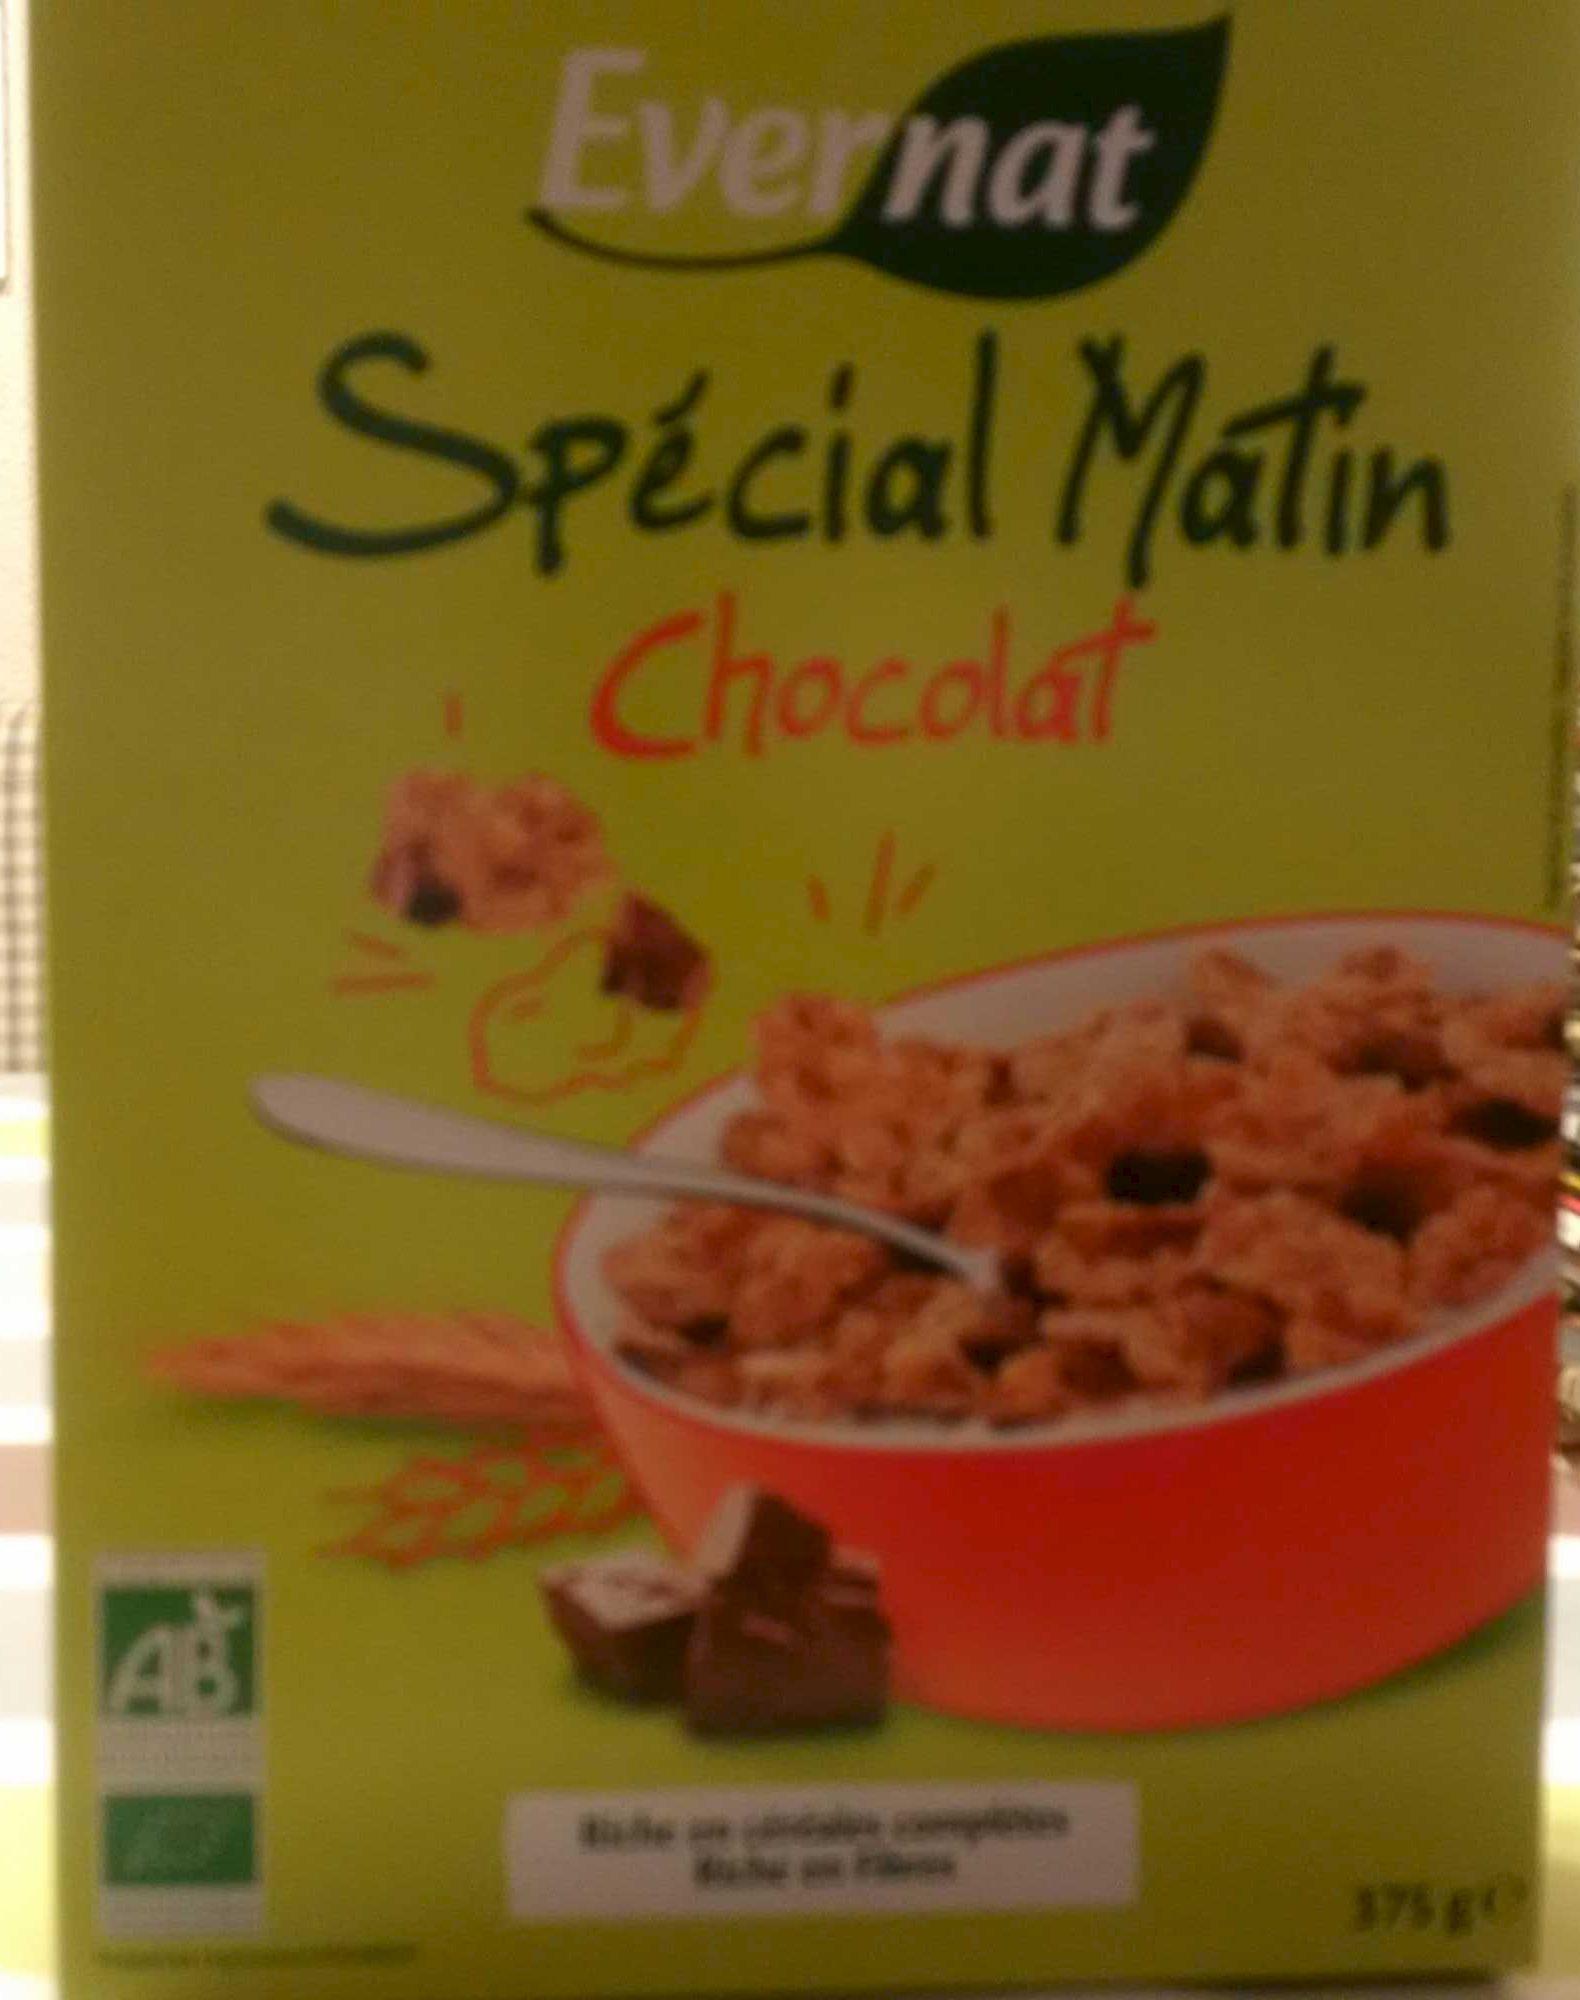 Spécial Matin Chocolat - Product